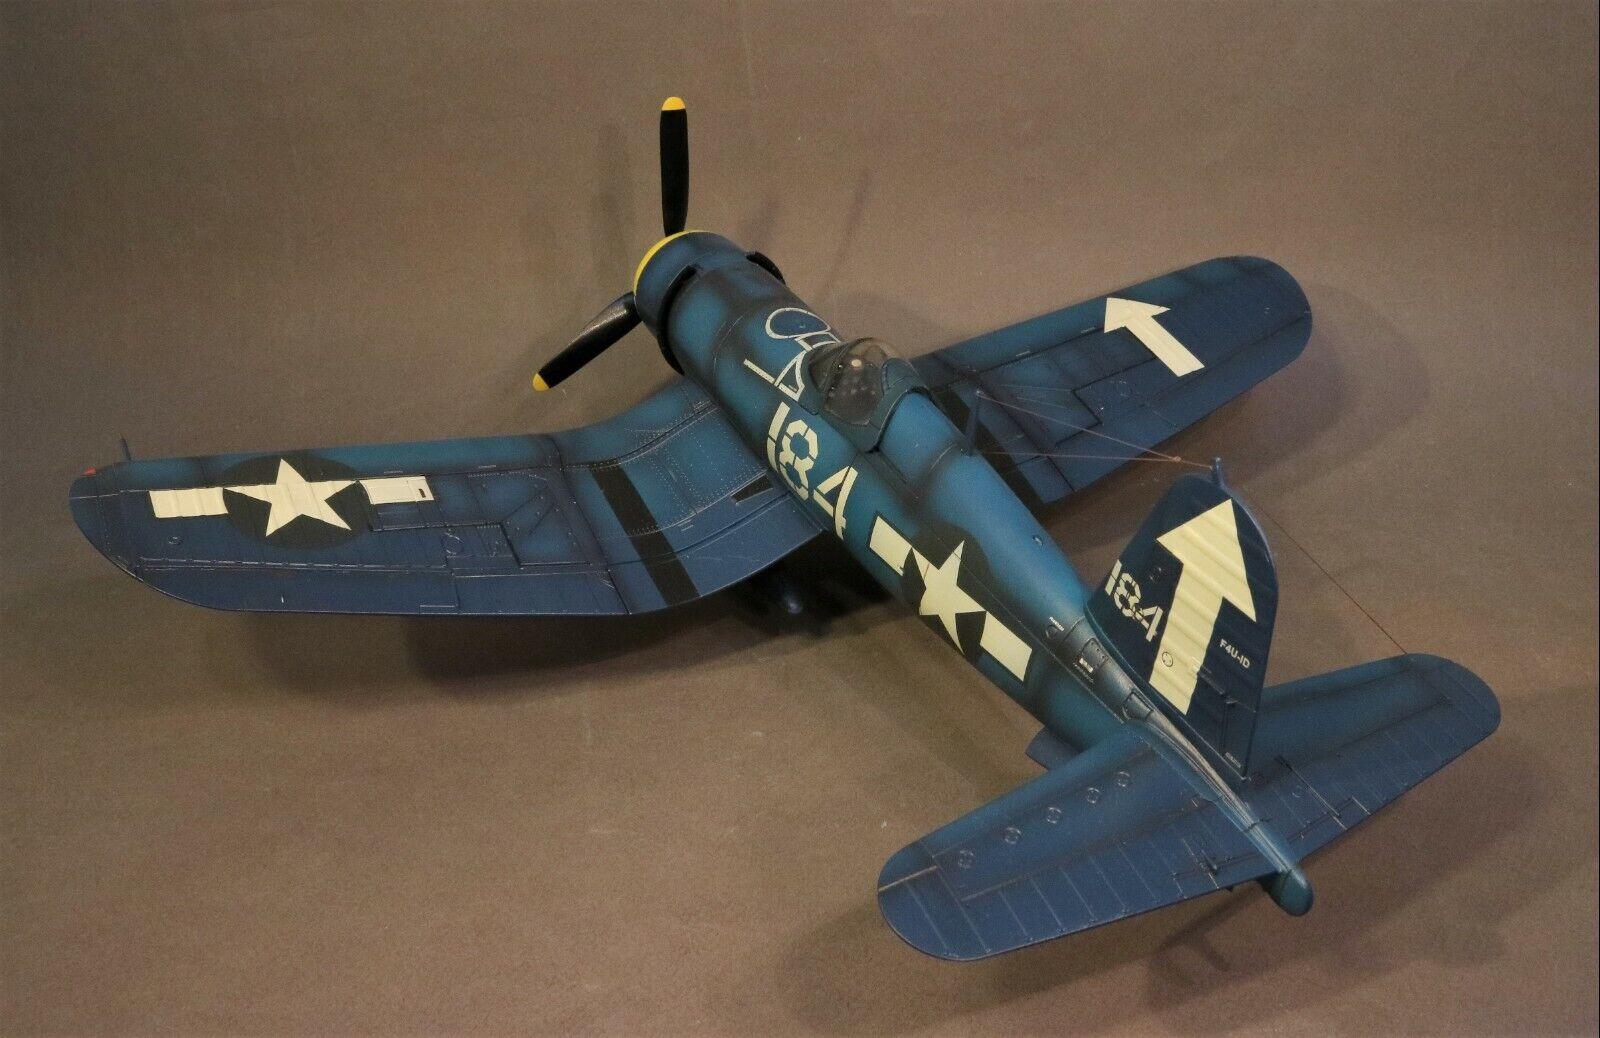 JOHN JENKINS SECOND WORLD WAR WW2 BH-03 (184) VOUGHT F4U-1D CORSAIR FIGHTER MIB